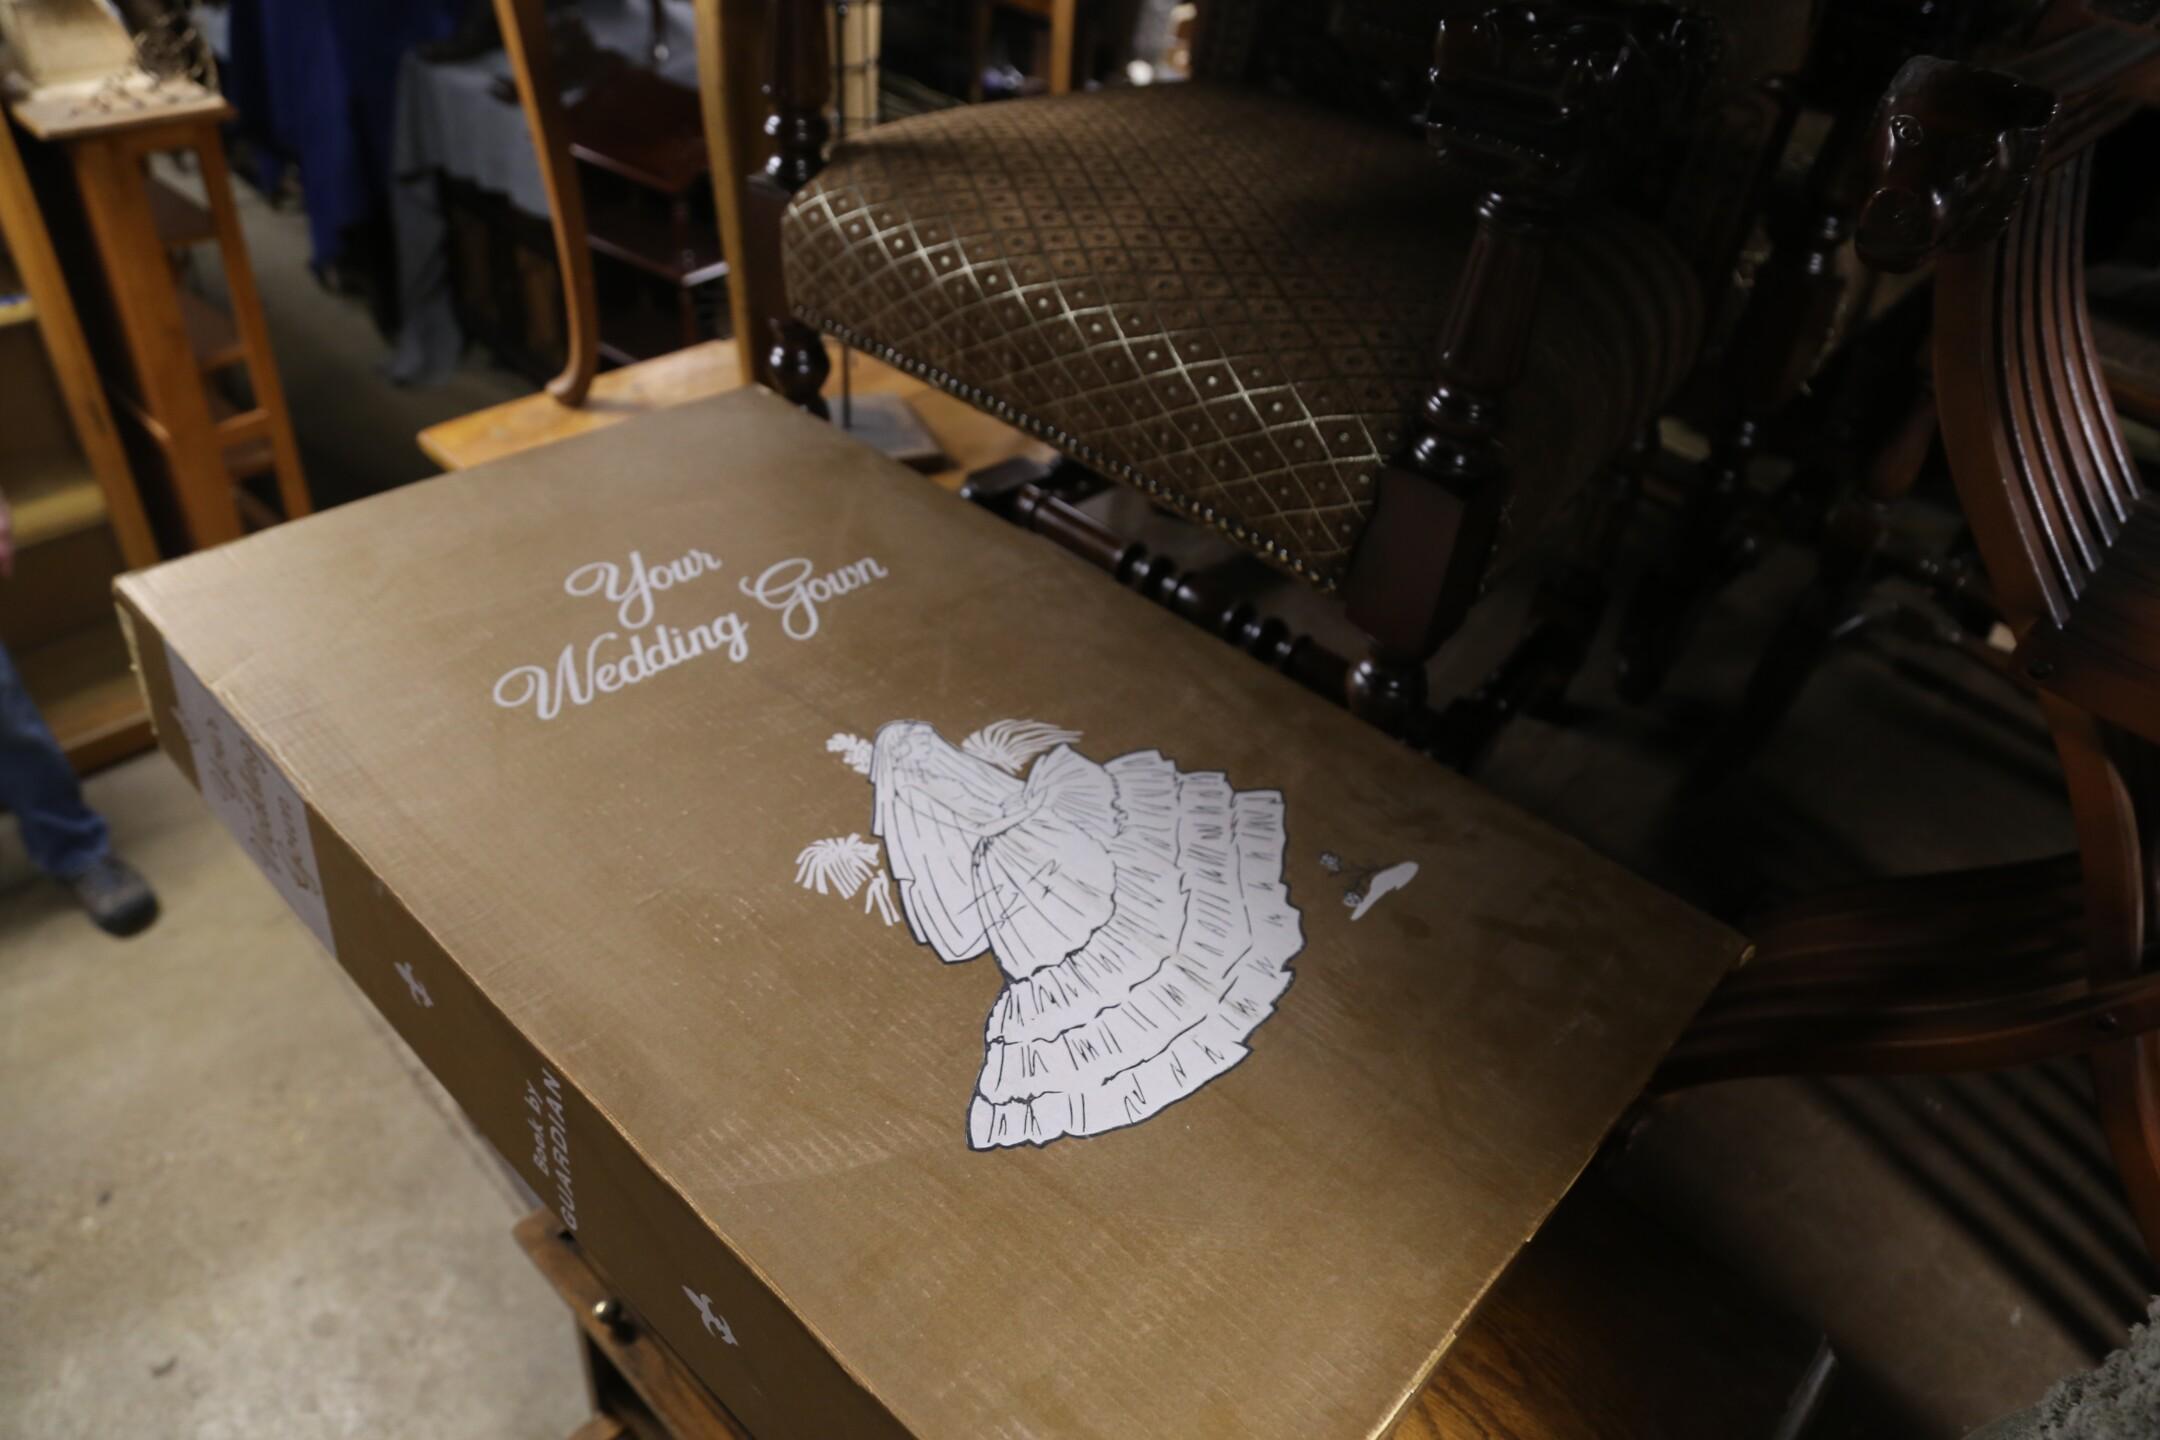 Wedding Gown in a Box.JPG